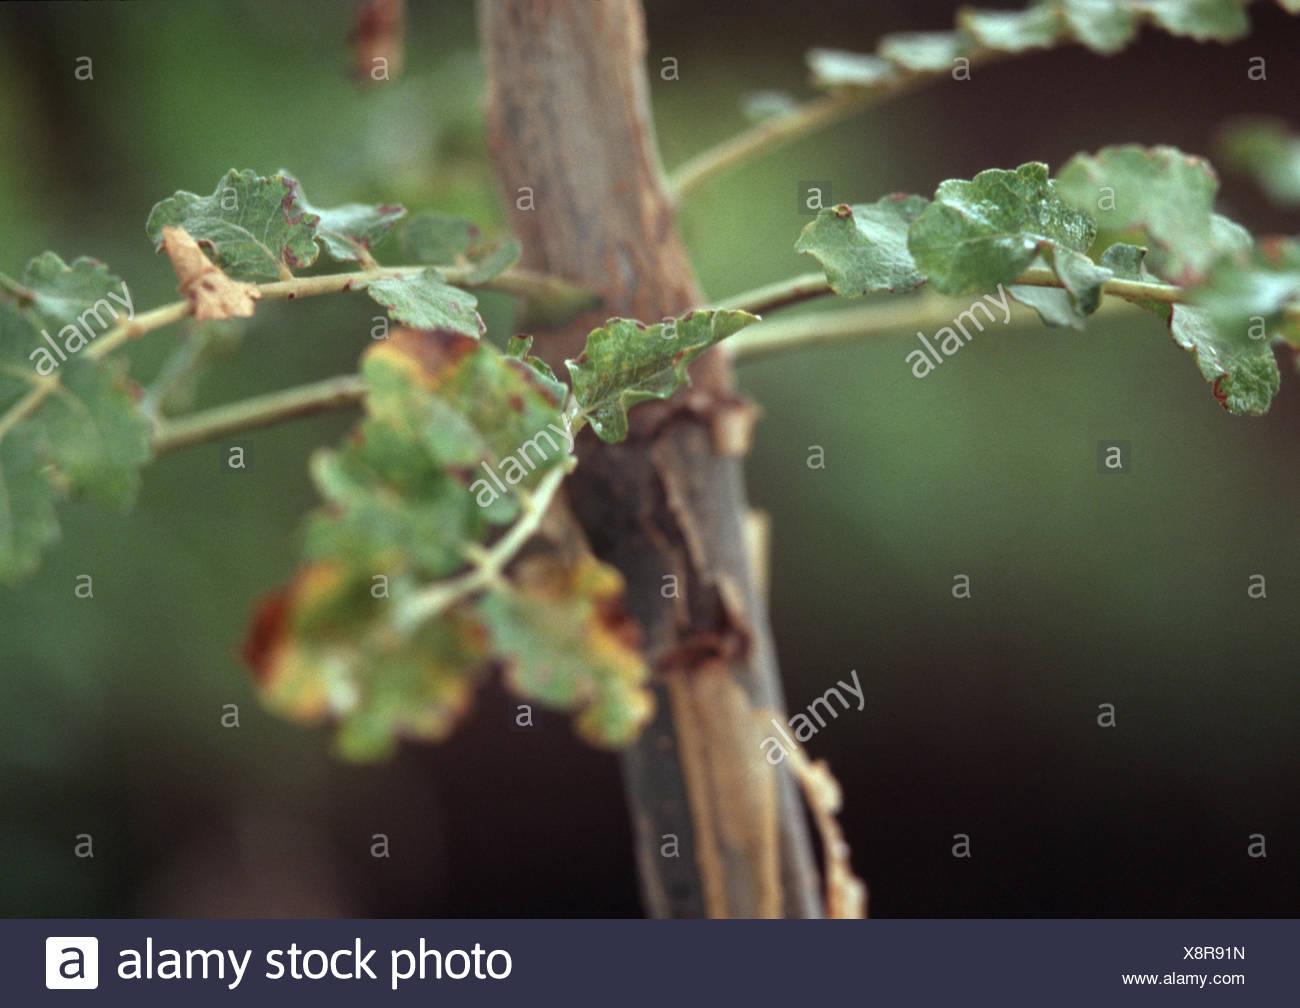 frankincense (Boswellia sacra, Boswellia carteri, Boswellia undulato-crenata), leaves and sprout - Stock Image